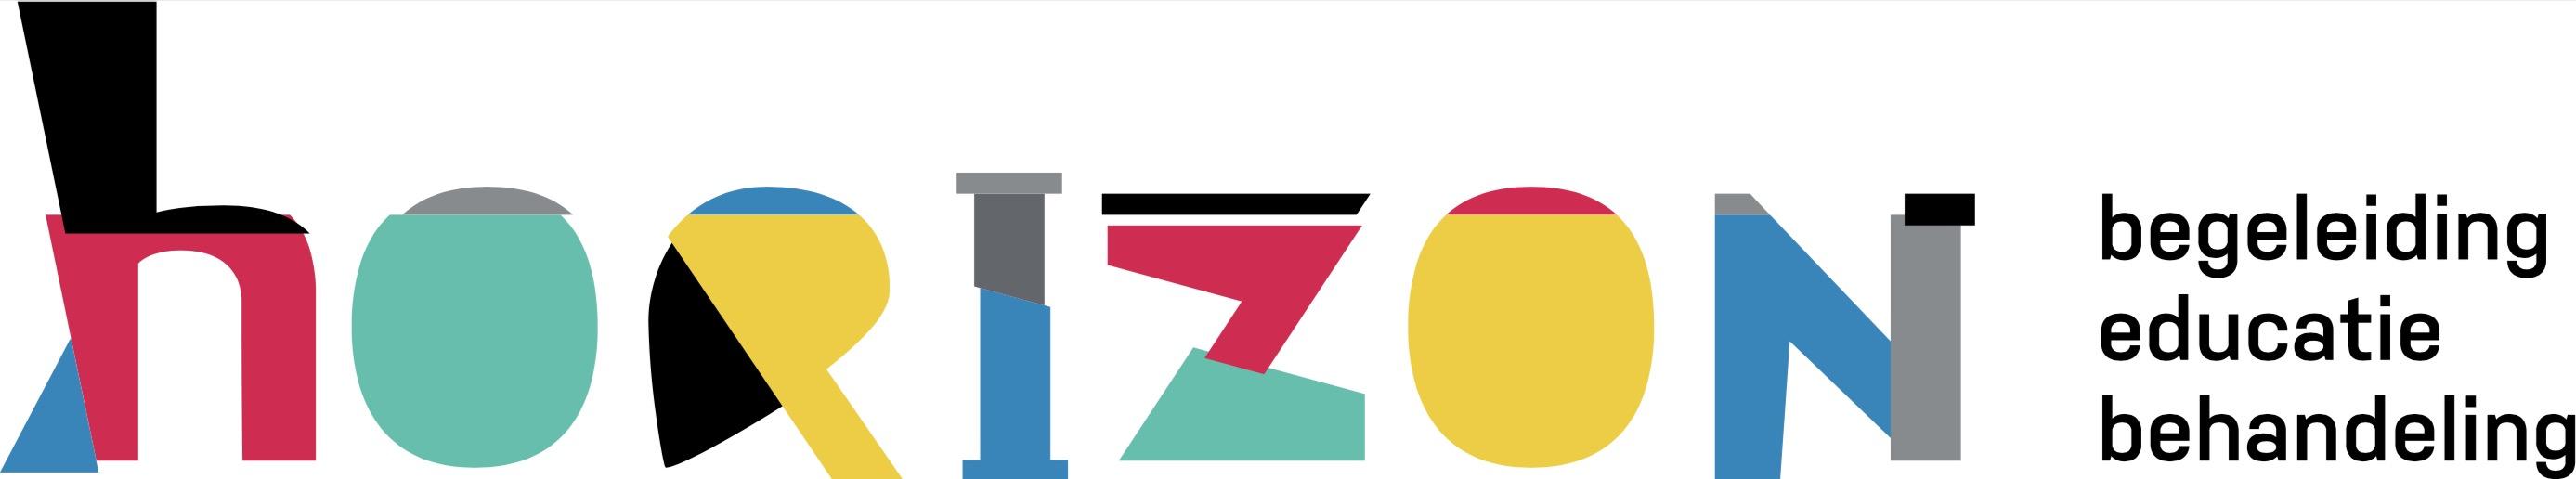 logo-horizon-begeleiding-full